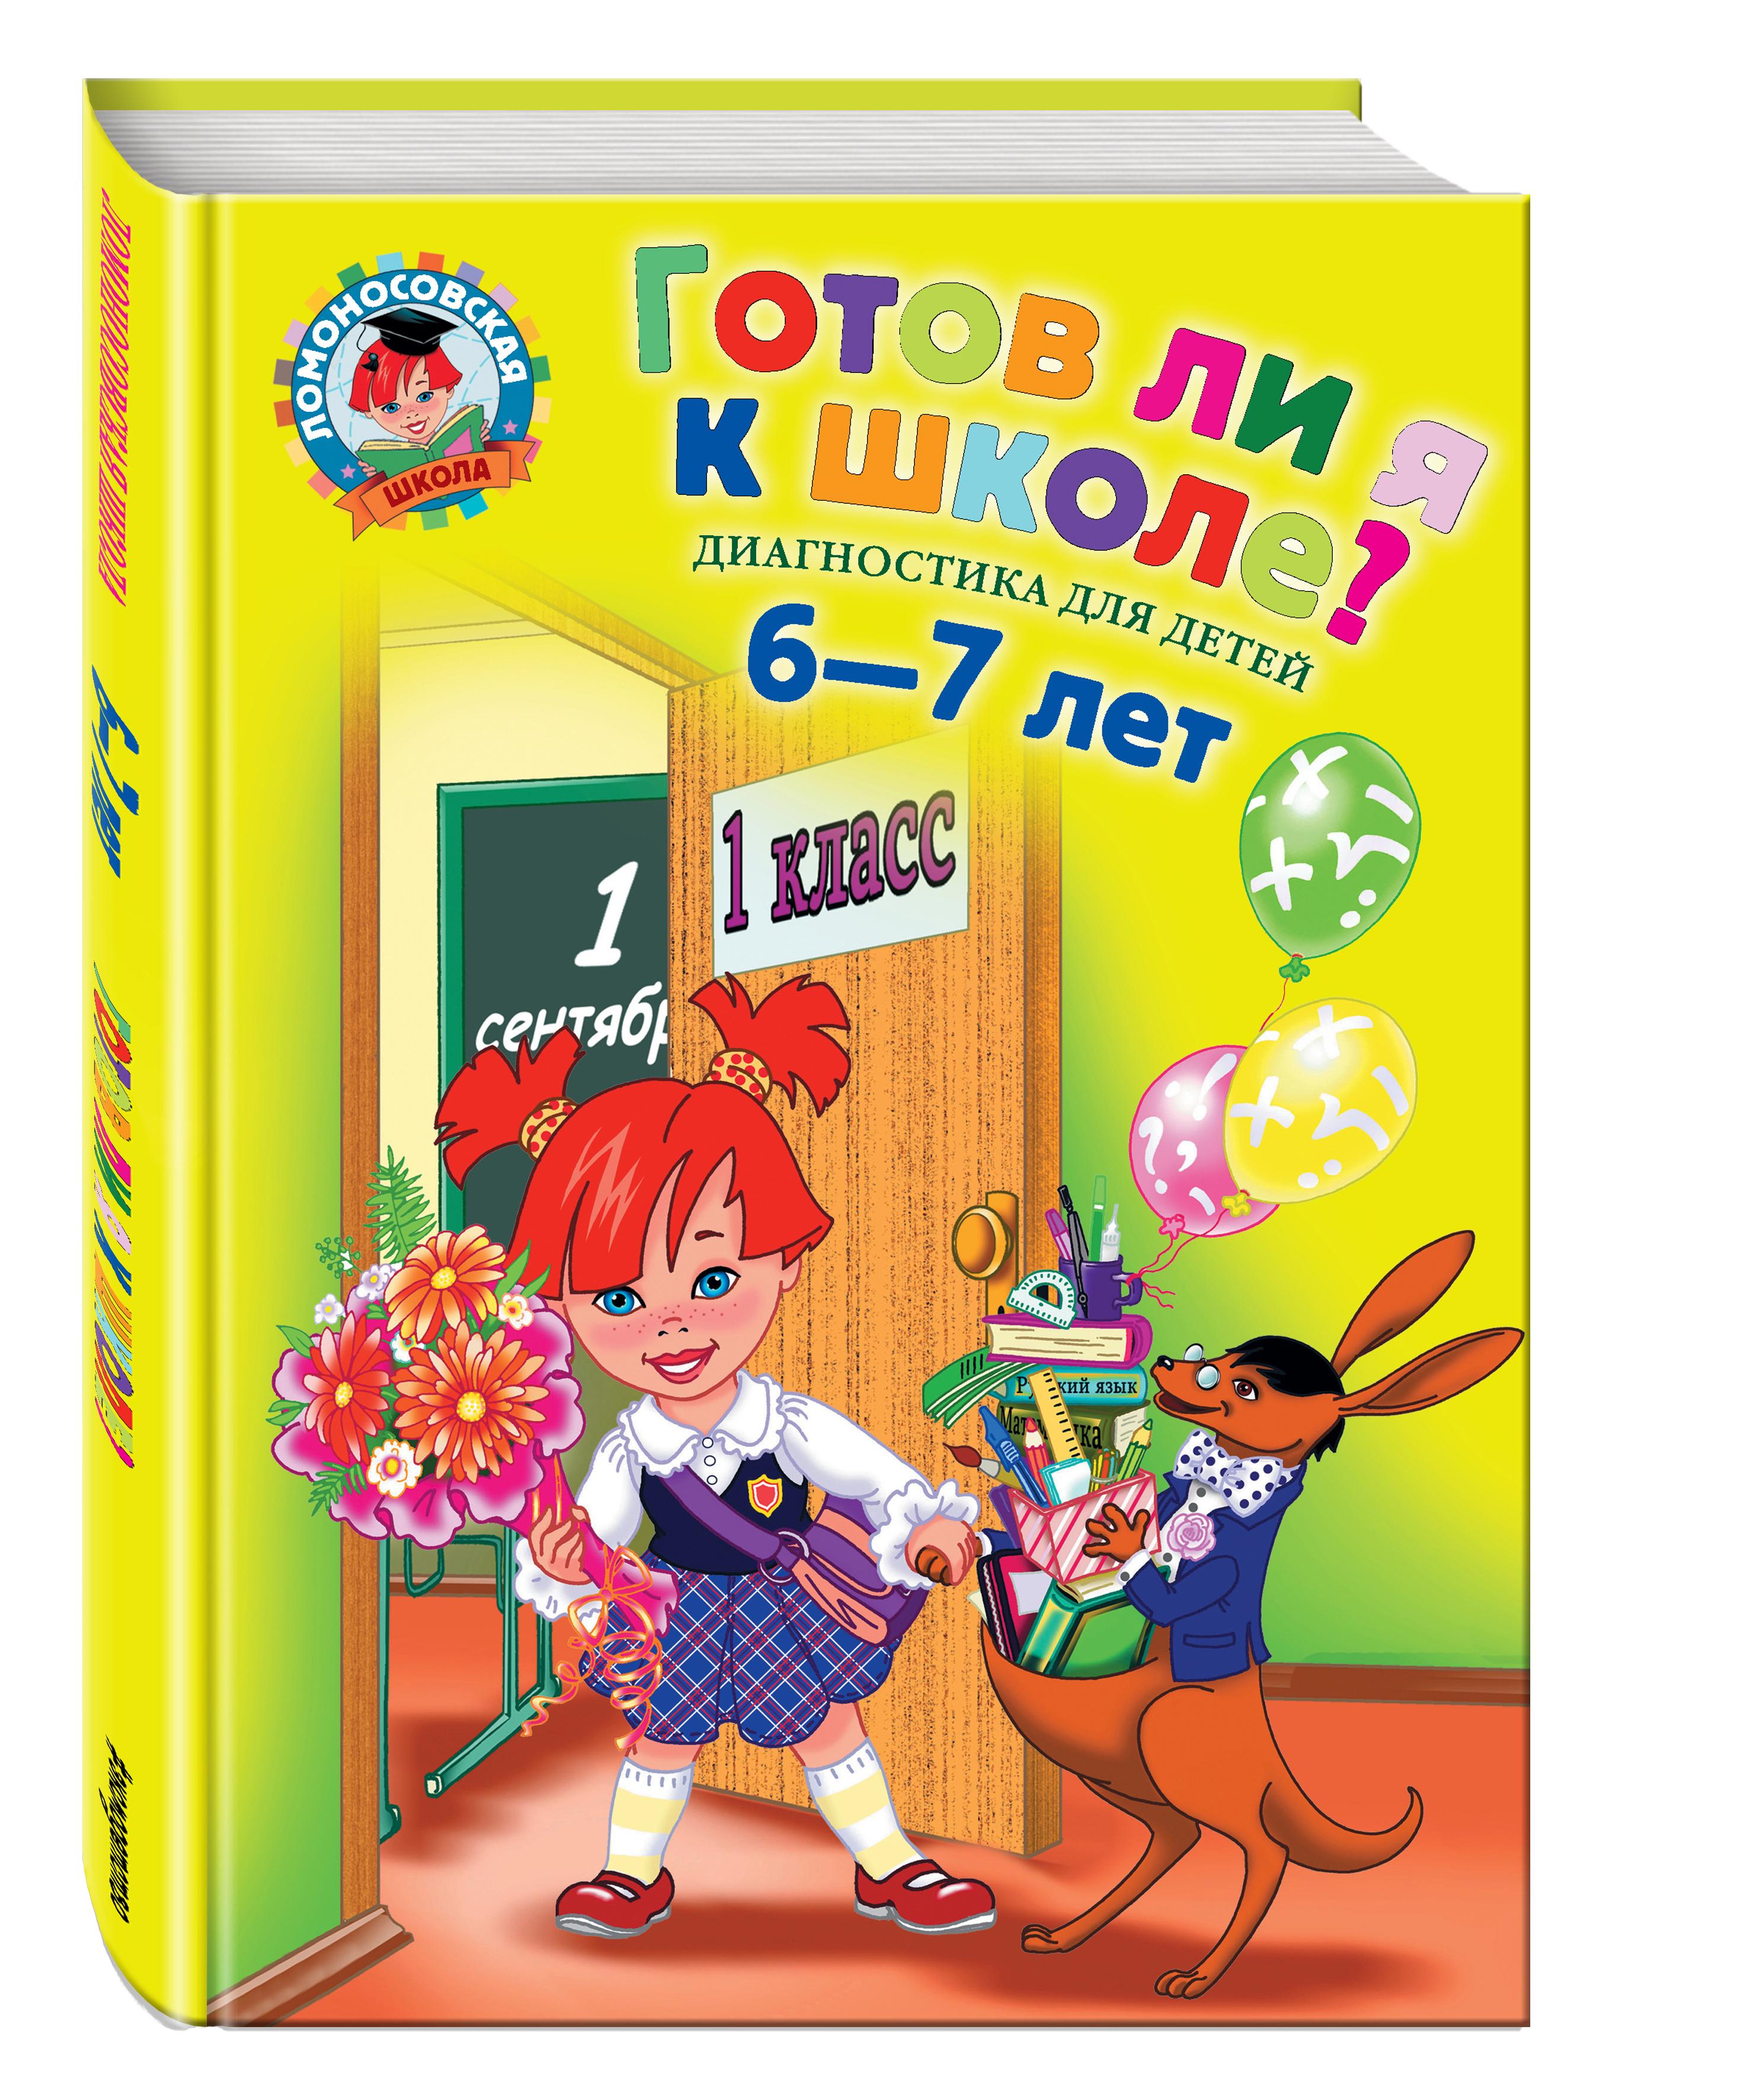 Купить Готов ли Я к Школе? Диагностика для Детей 6-7 лет, Эксмо, Книги по обучению и развитию детей